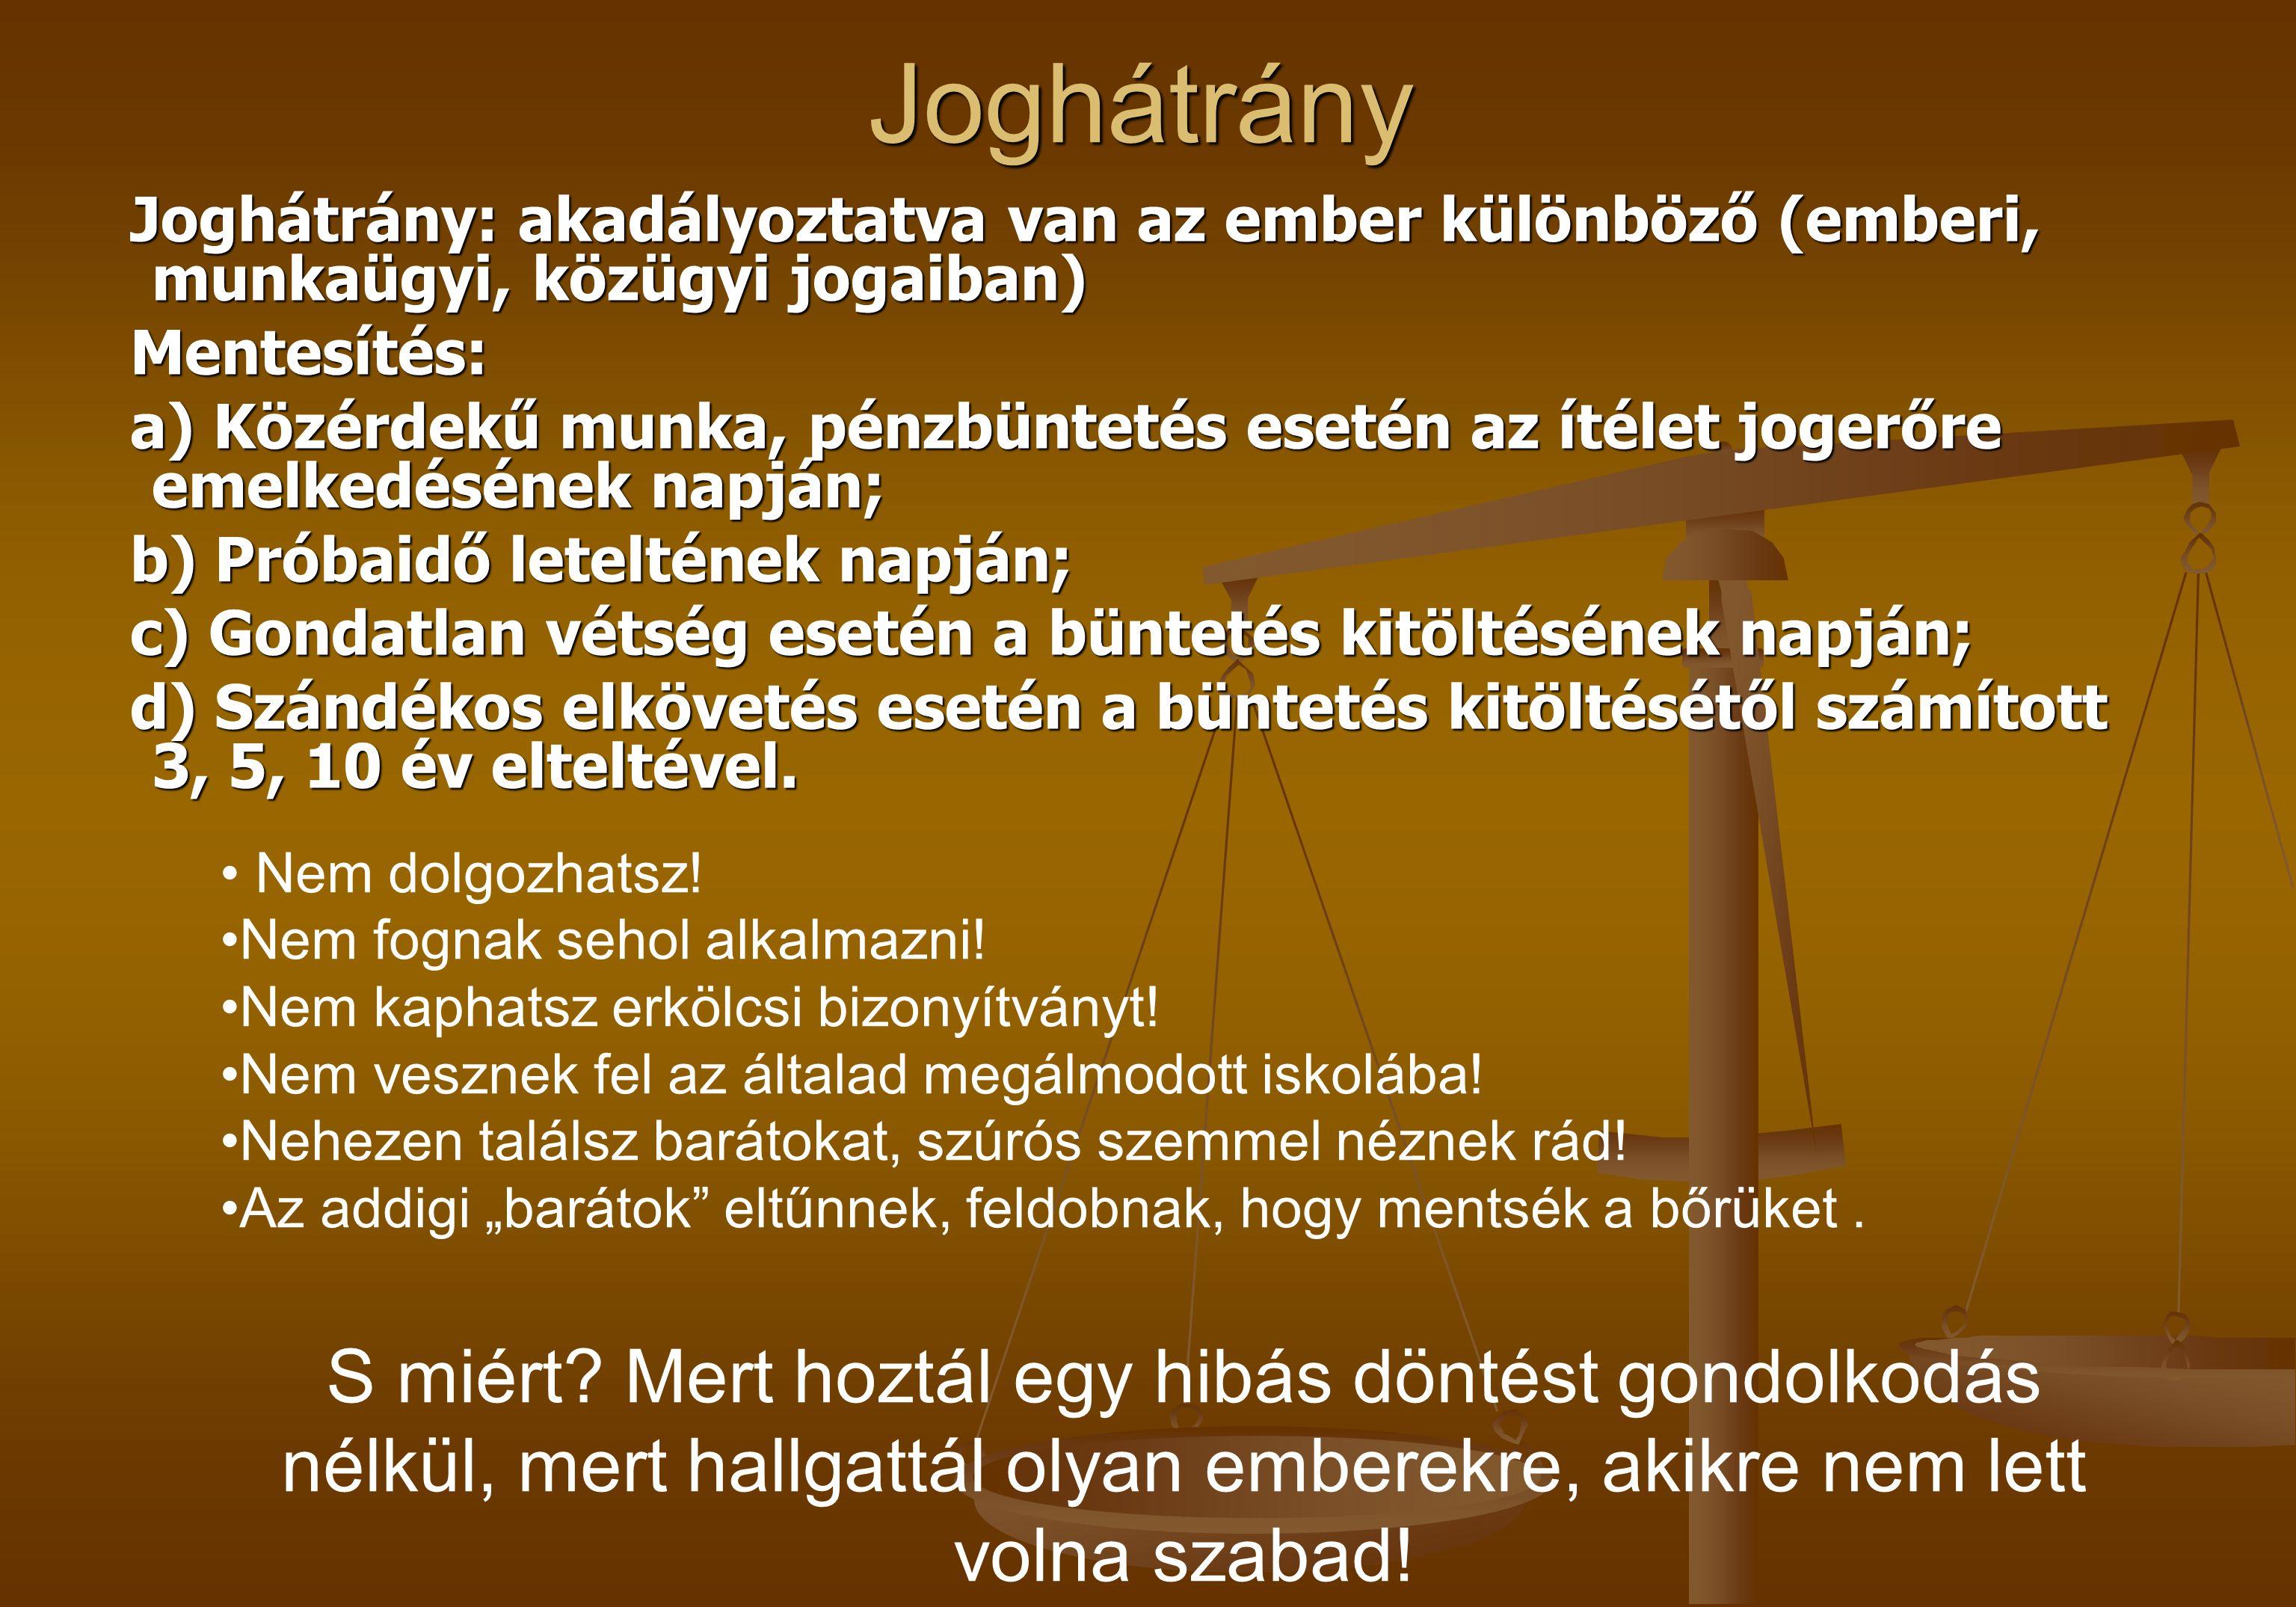 Joghátrány Joghátrány: akadályoztatva van az ember különböző (emberi, munkaügyi, közügyi jogaiban) Mentesítés: